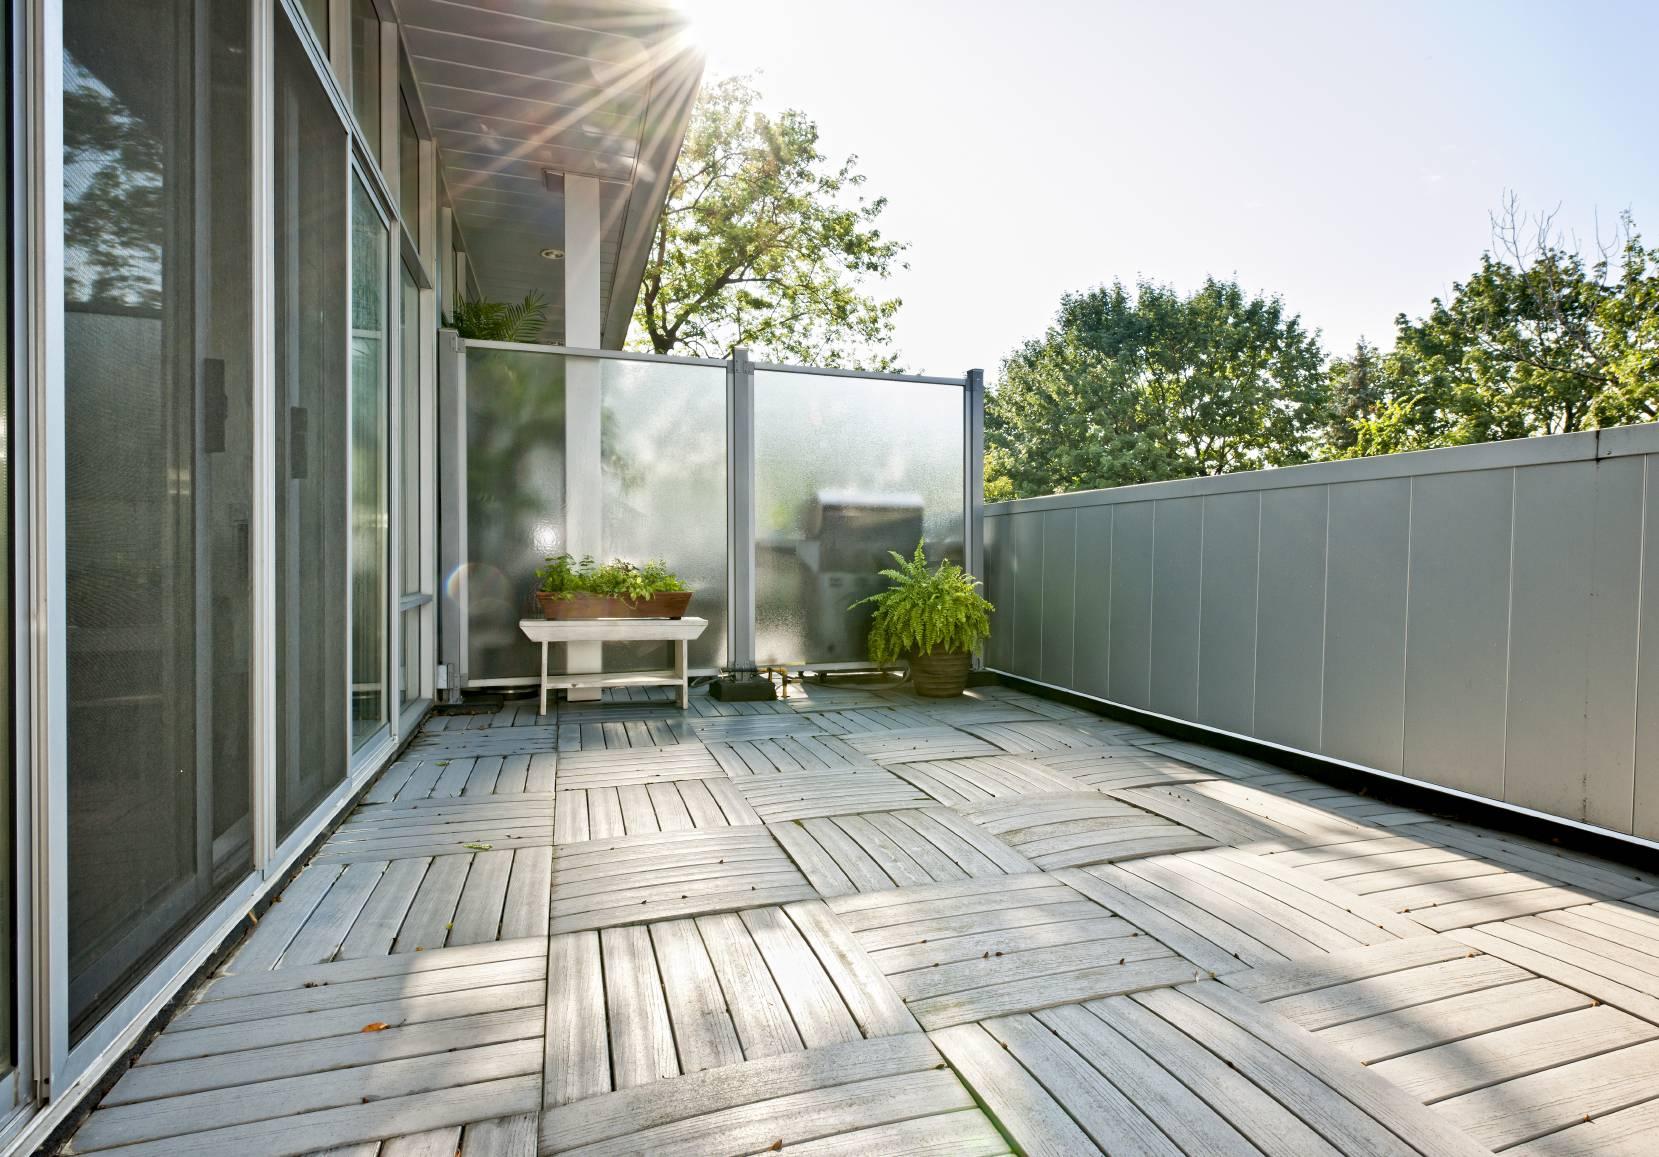 en quoi consiste la r alisation d un plancher chauffant solaire. Black Bedroom Furniture Sets. Home Design Ideas